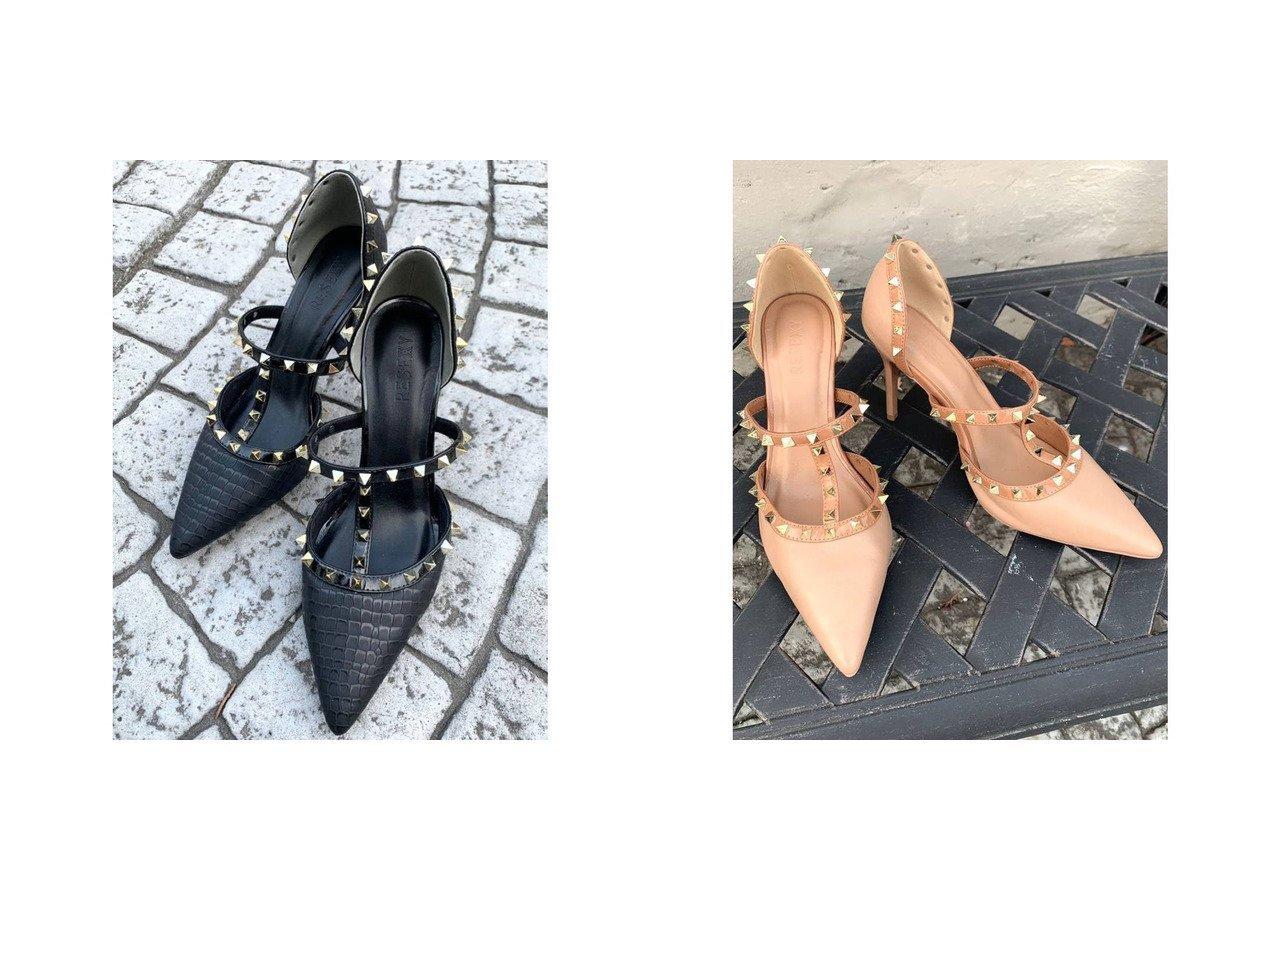 【RESEXXY/リゼクシー】のスタッズピンヒールサンダル 【シューズ・靴】おすすめ!人気、トレンド・レディースファッションの通販 おすすめで人気の流行・トレンド、ファッションの通販商品 インテリア・家具・メンズファッション・キッズファッション・レディースファッション・服の通販 founy(ファニー) https://founy.com/ ファッション Fashion レディースファッション WOMEN シューズ 人気 定番 Standard |ID:crp329100000048168